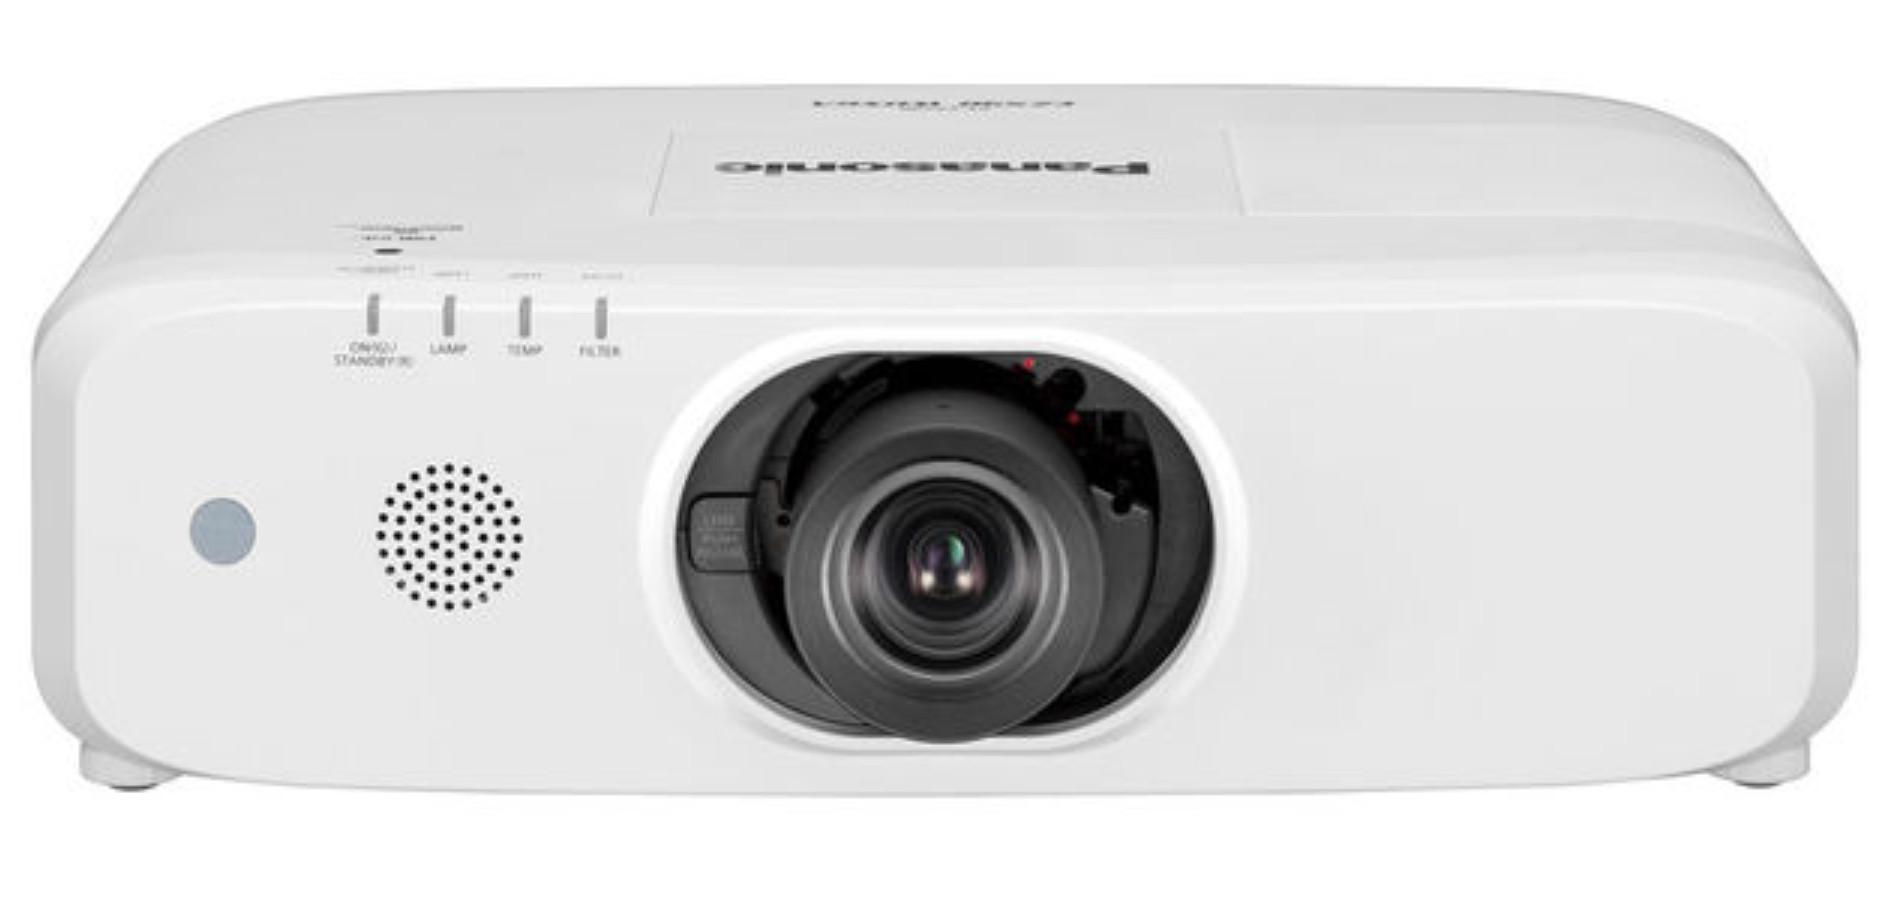 6200 lm XGA LCD Projector